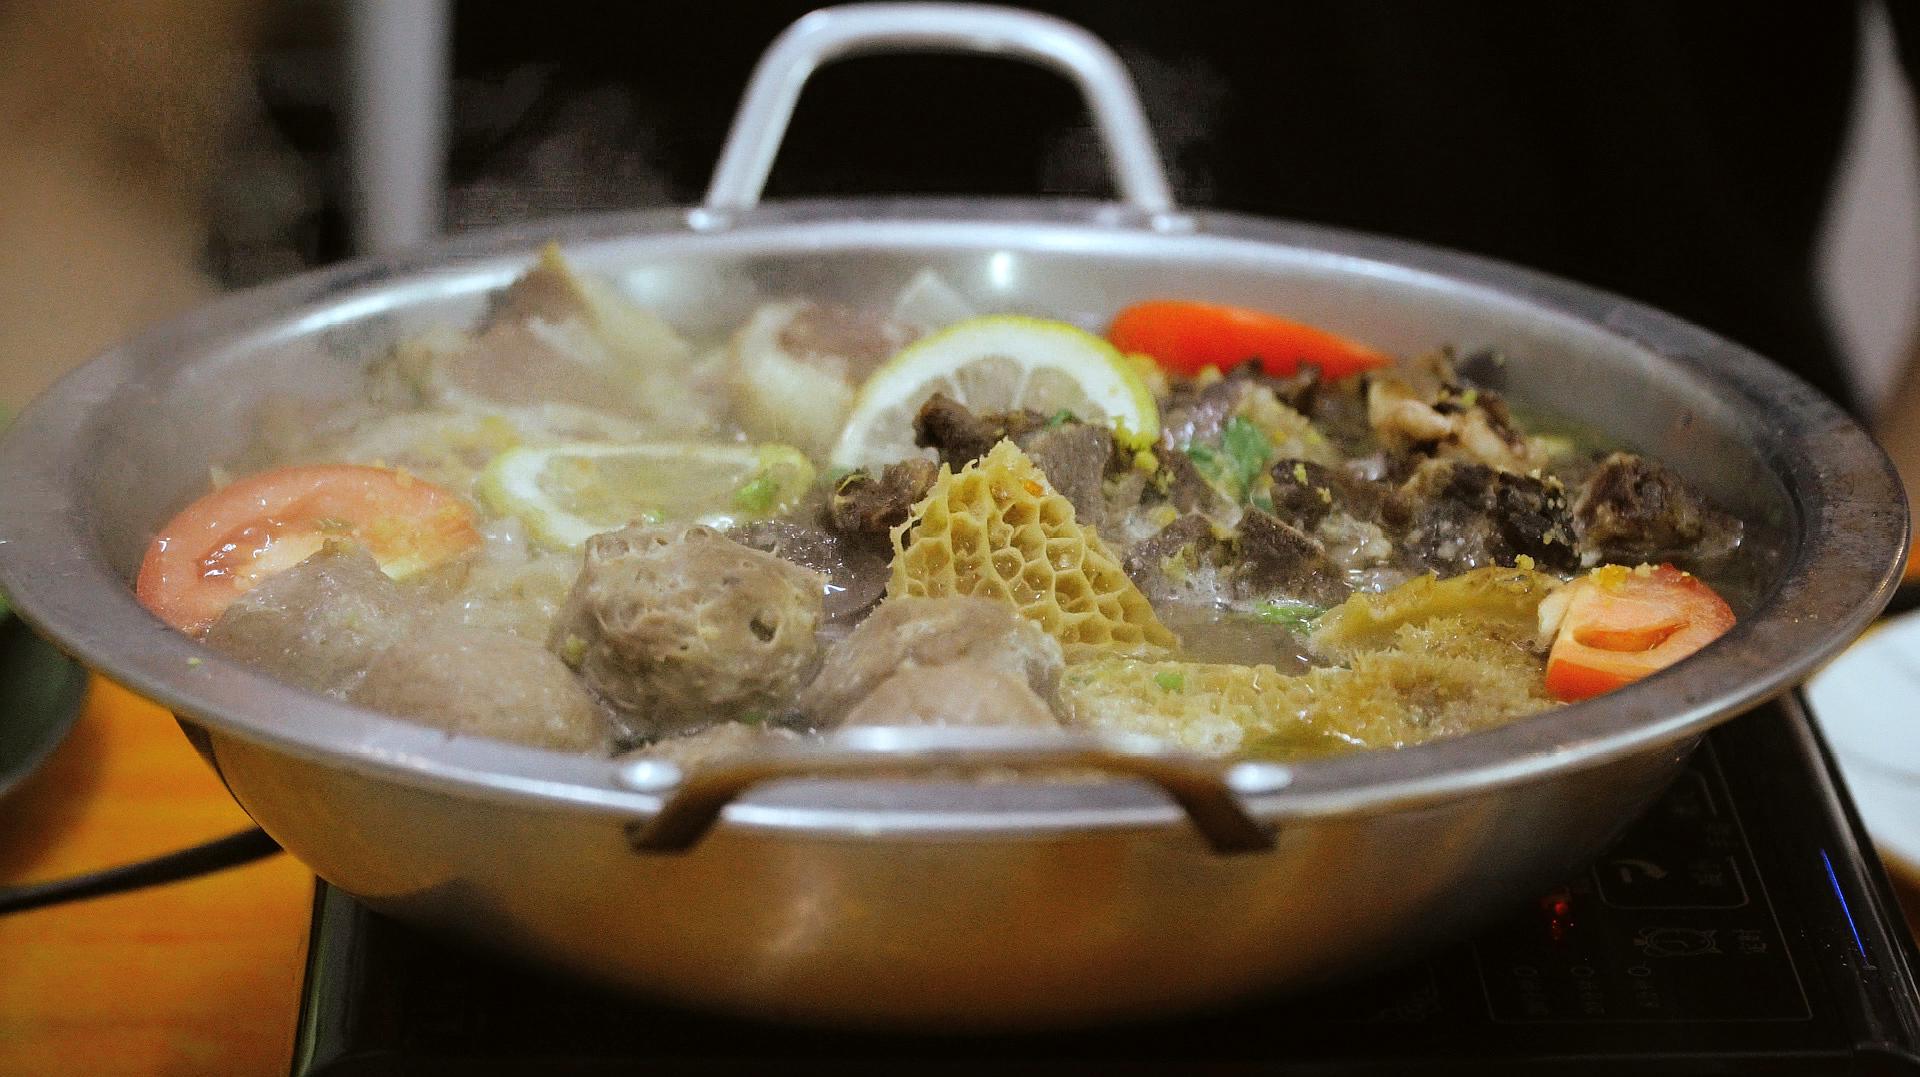 肉食主义者的天堂!这里的牛杂火锅里满满的都是肉